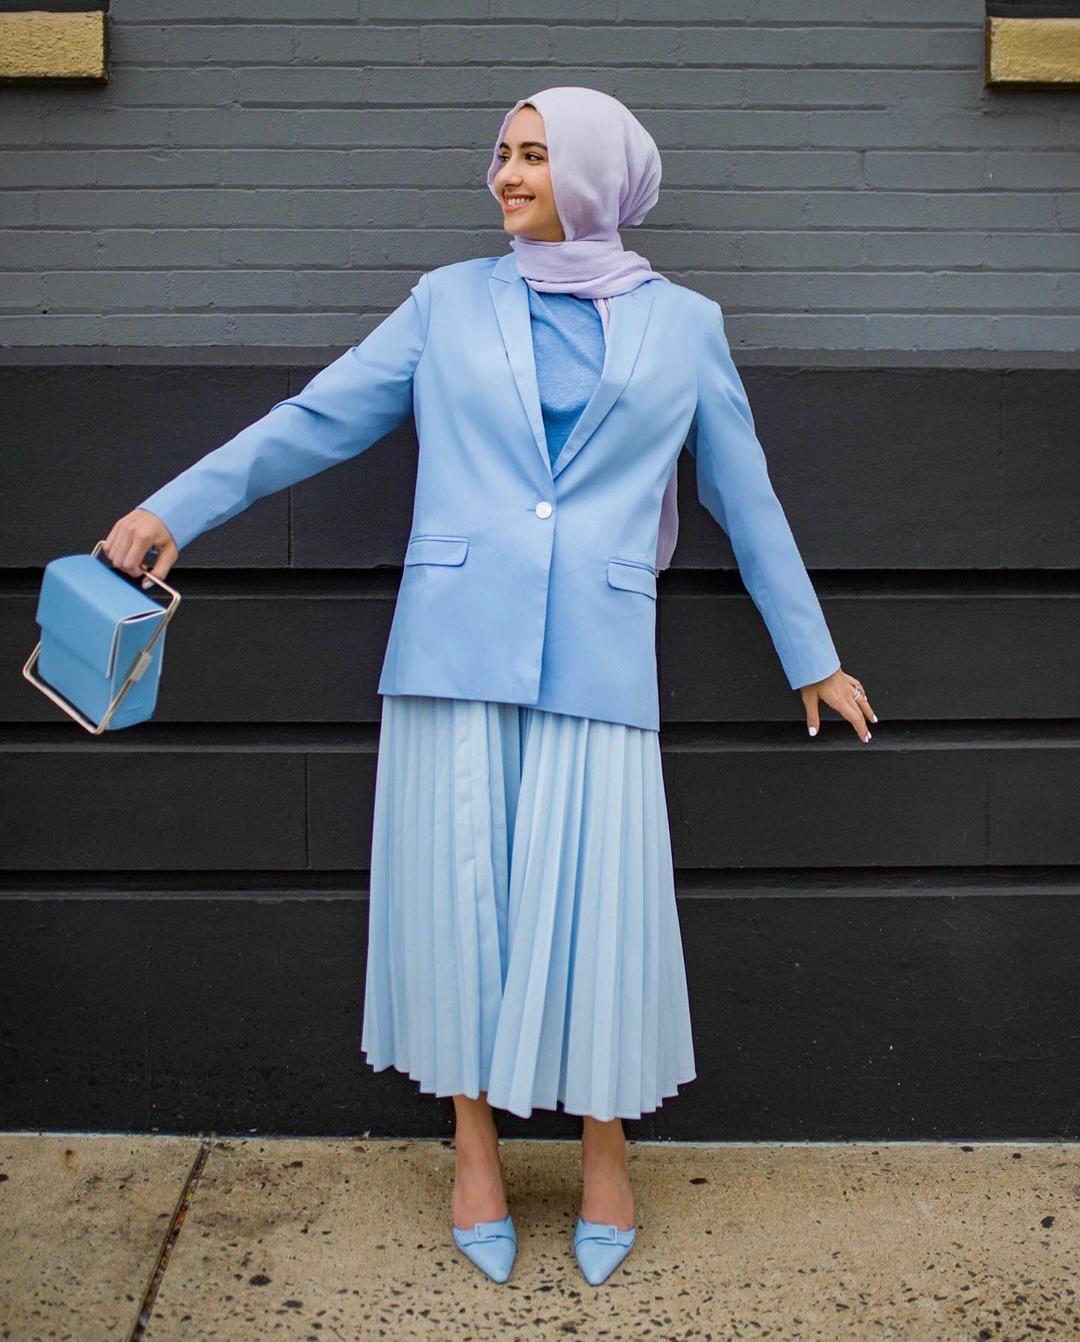 ازياء بنات محجبات 2020 ازياء محجبات احدث ستايلات حجاب 5